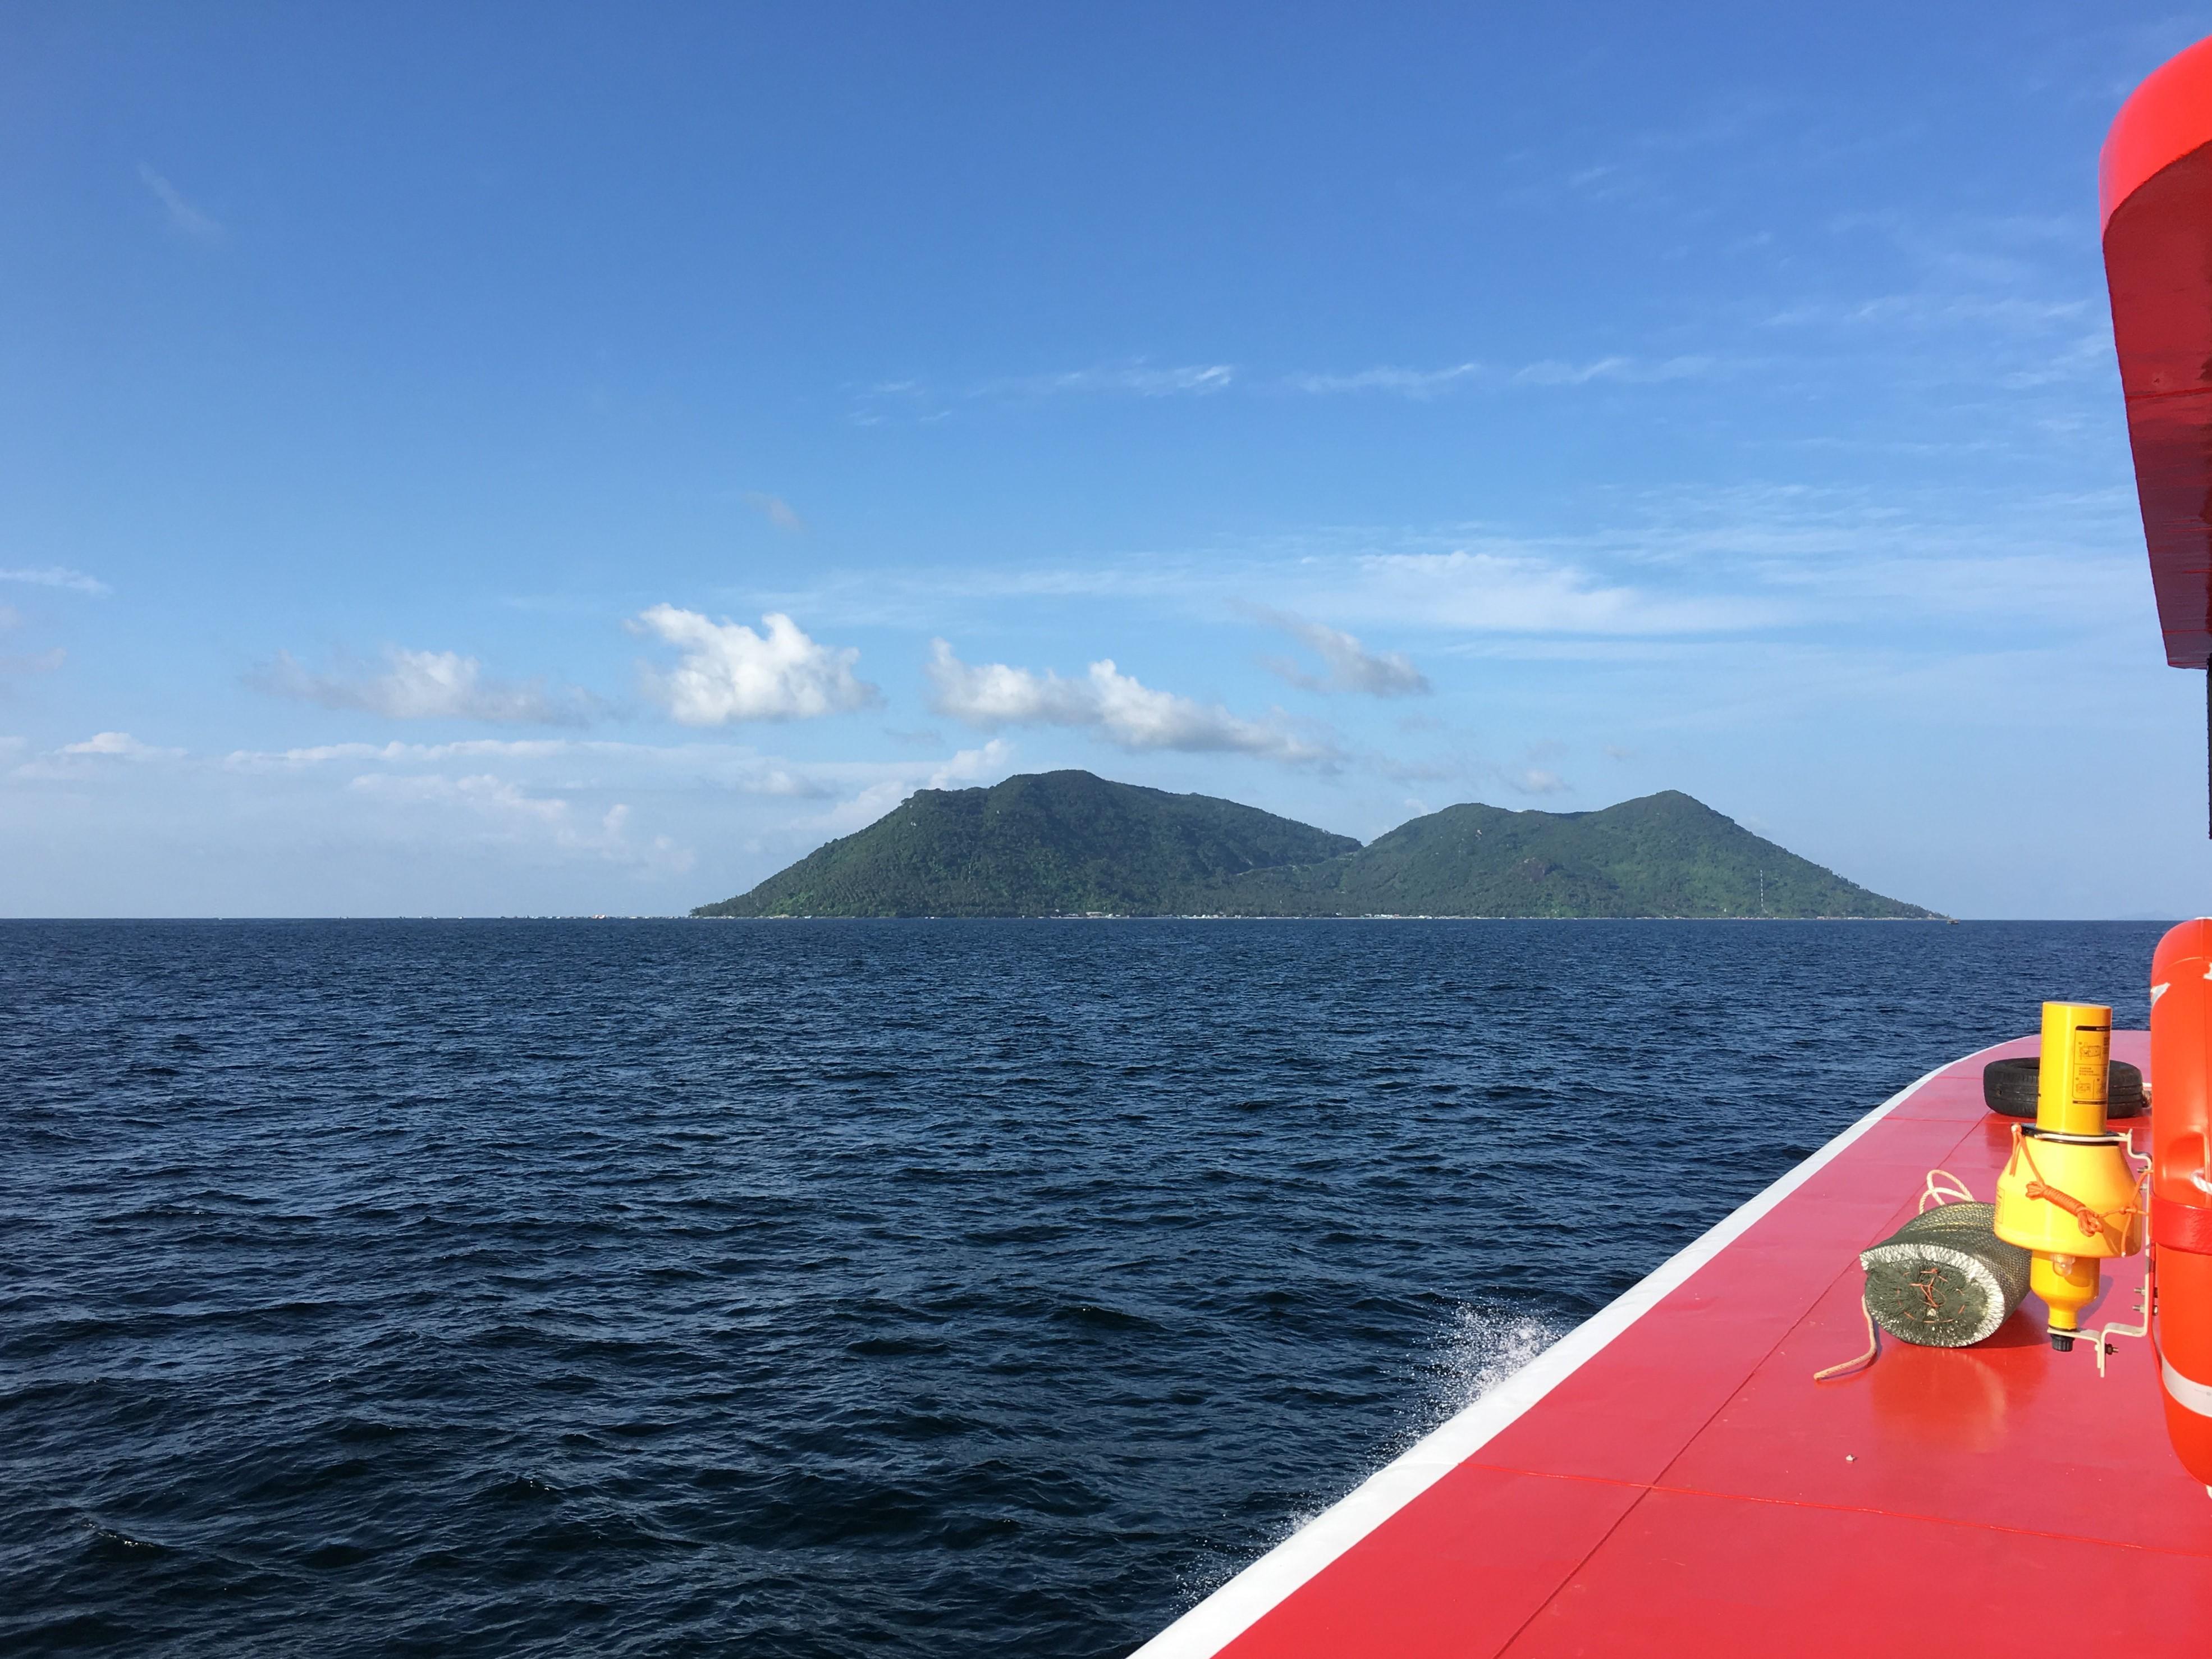 Những hòn đảo dọc đường biển tàu qua